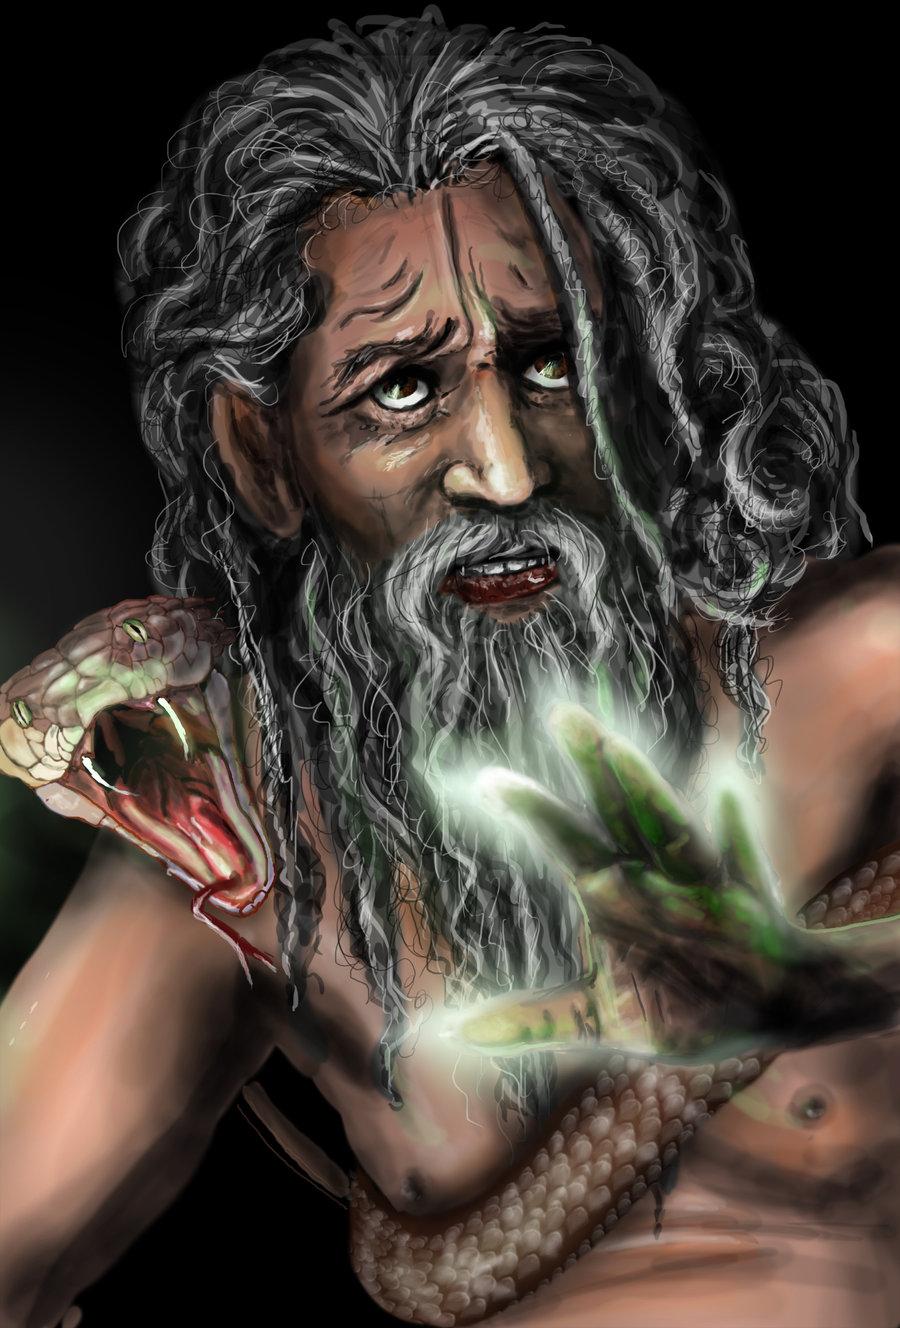 """delhar """"Purana the Doomguard"""", chierico di Shhiva mentre porta la Nave del Caos verso il Quasipiano del Vuoto - by delhar (Yashka) delhar.deviantart.com (2011) © dell'autore tutti i diritti riservati"""